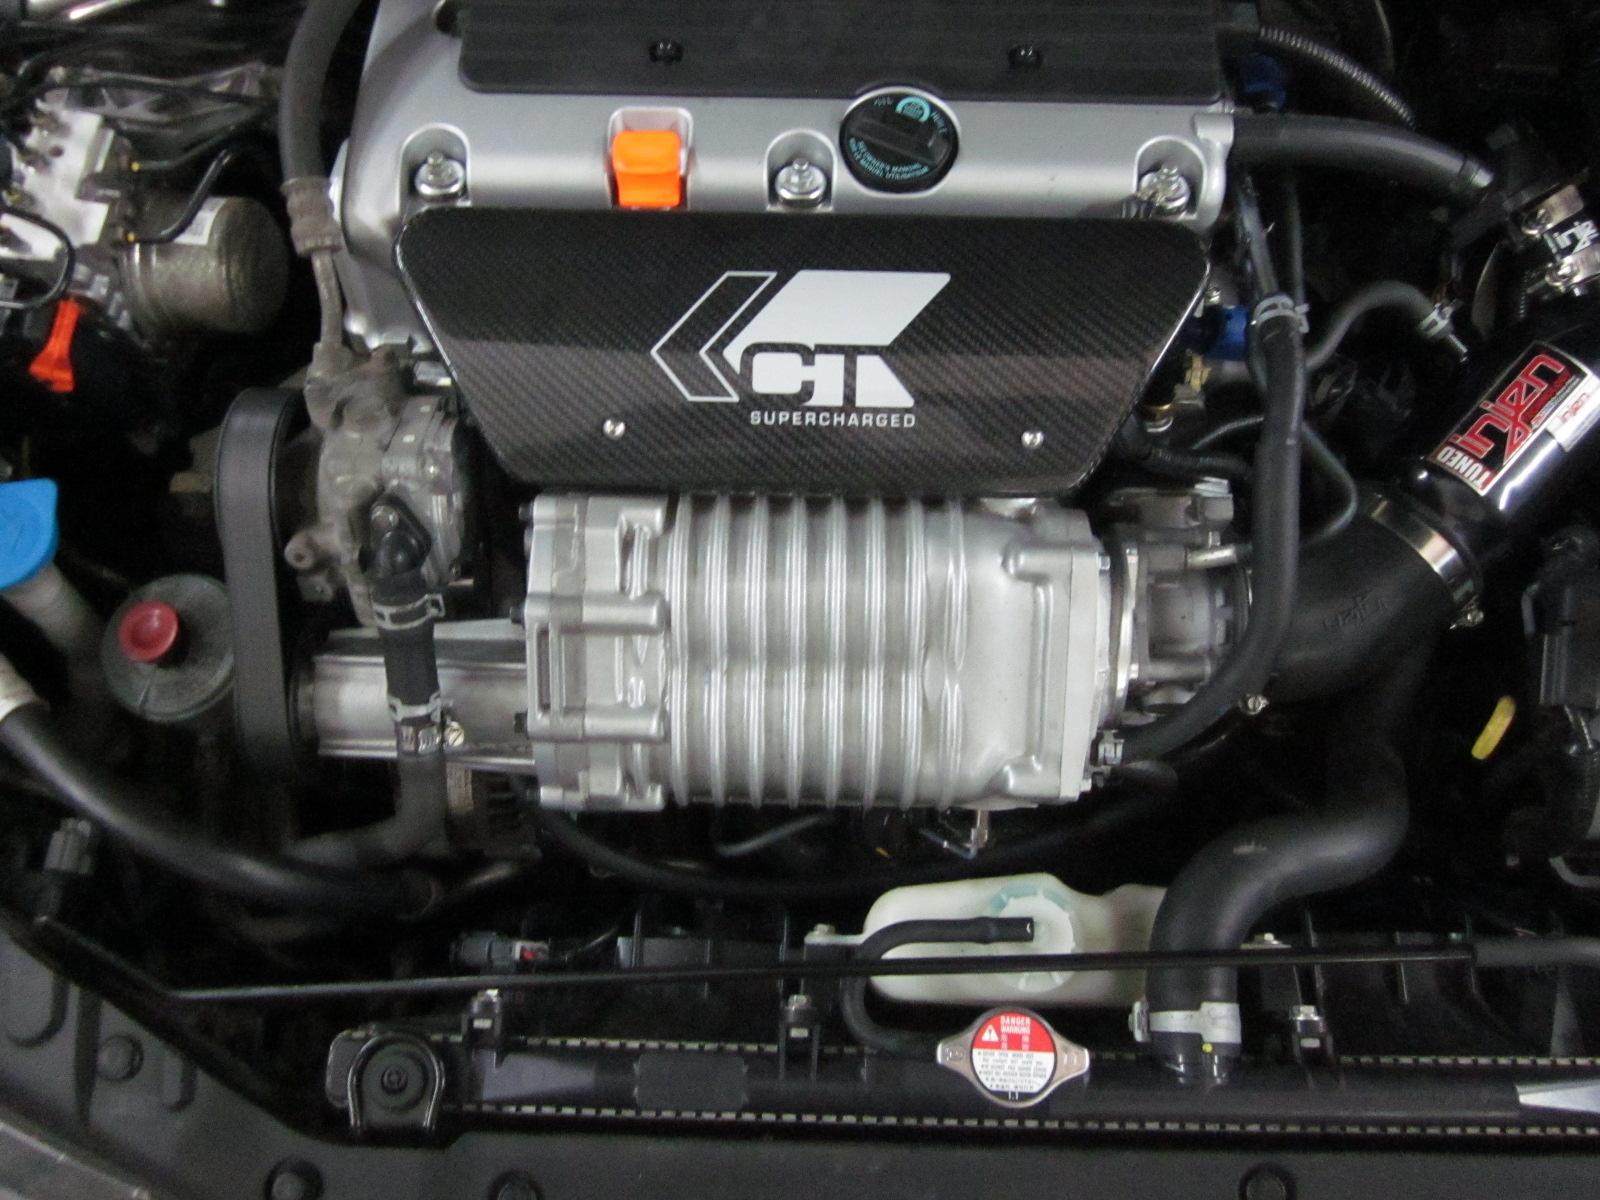 Компрессор для Хонда Аккорд 7  Supercharger Honda  Тюнинг